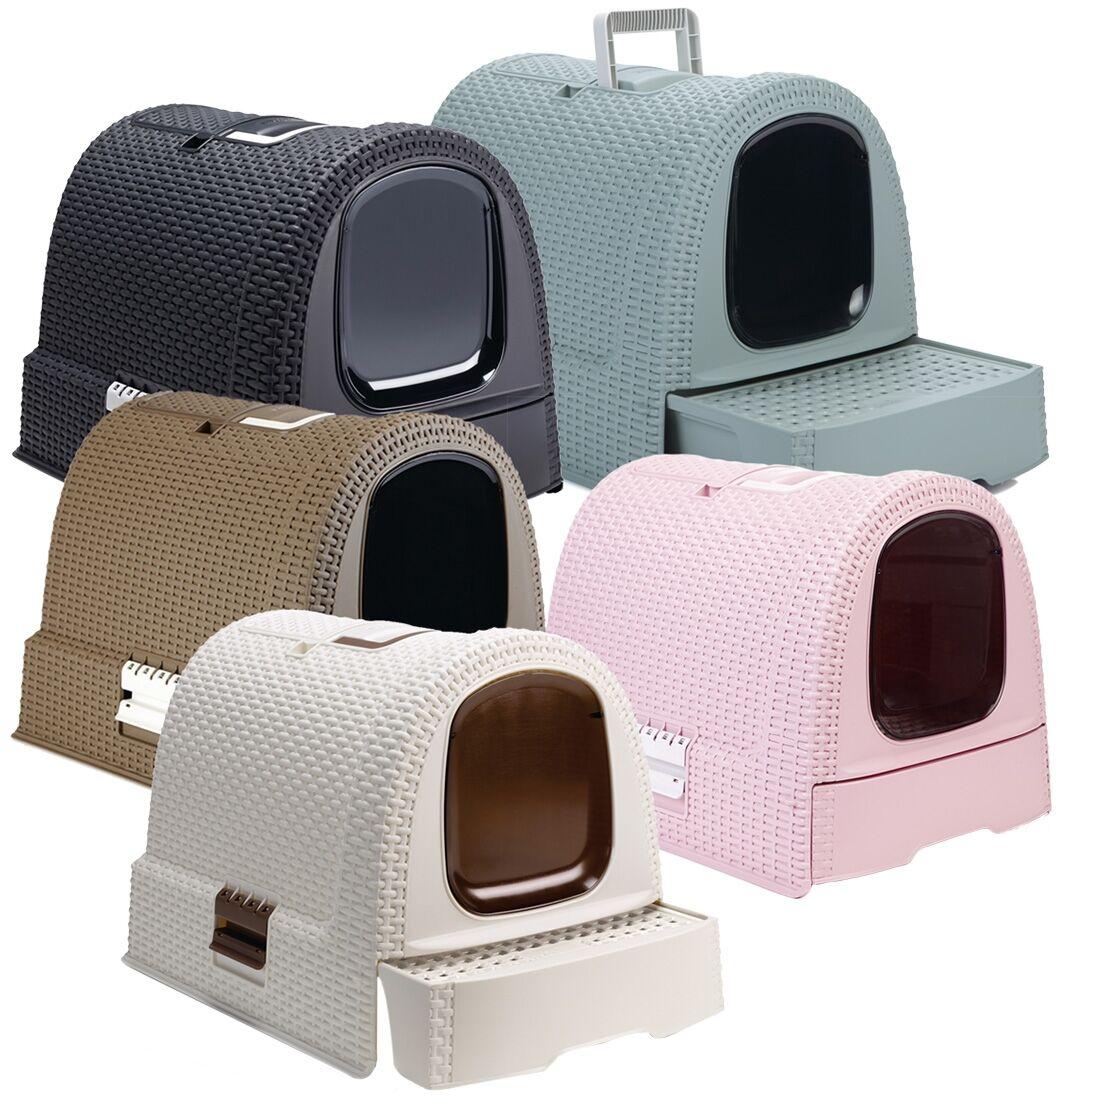 Curver Maison de toilette pour chat CURVER Couleur : Bleu / Gris